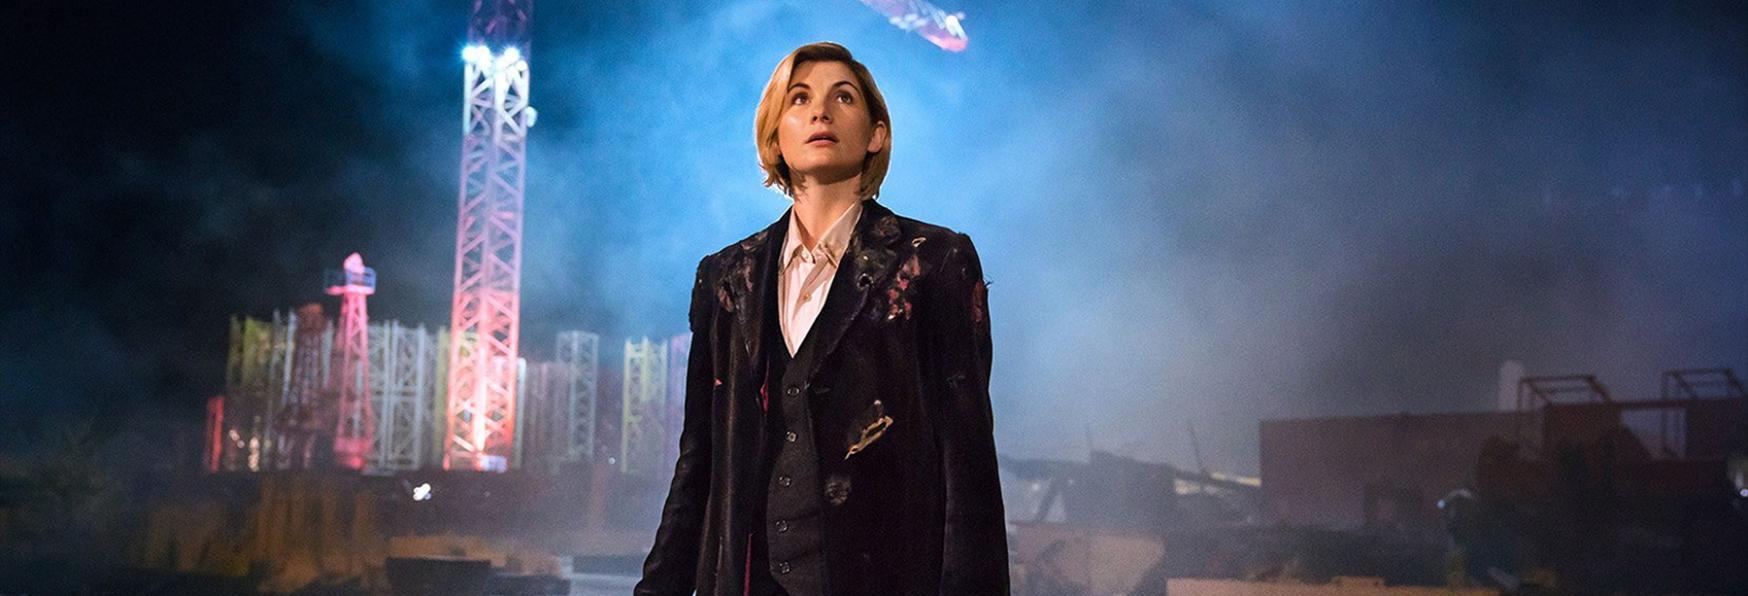 Doctor Who 12: Poche Ore al Rilascio del Trailer Ufficiale della nuova Stagione